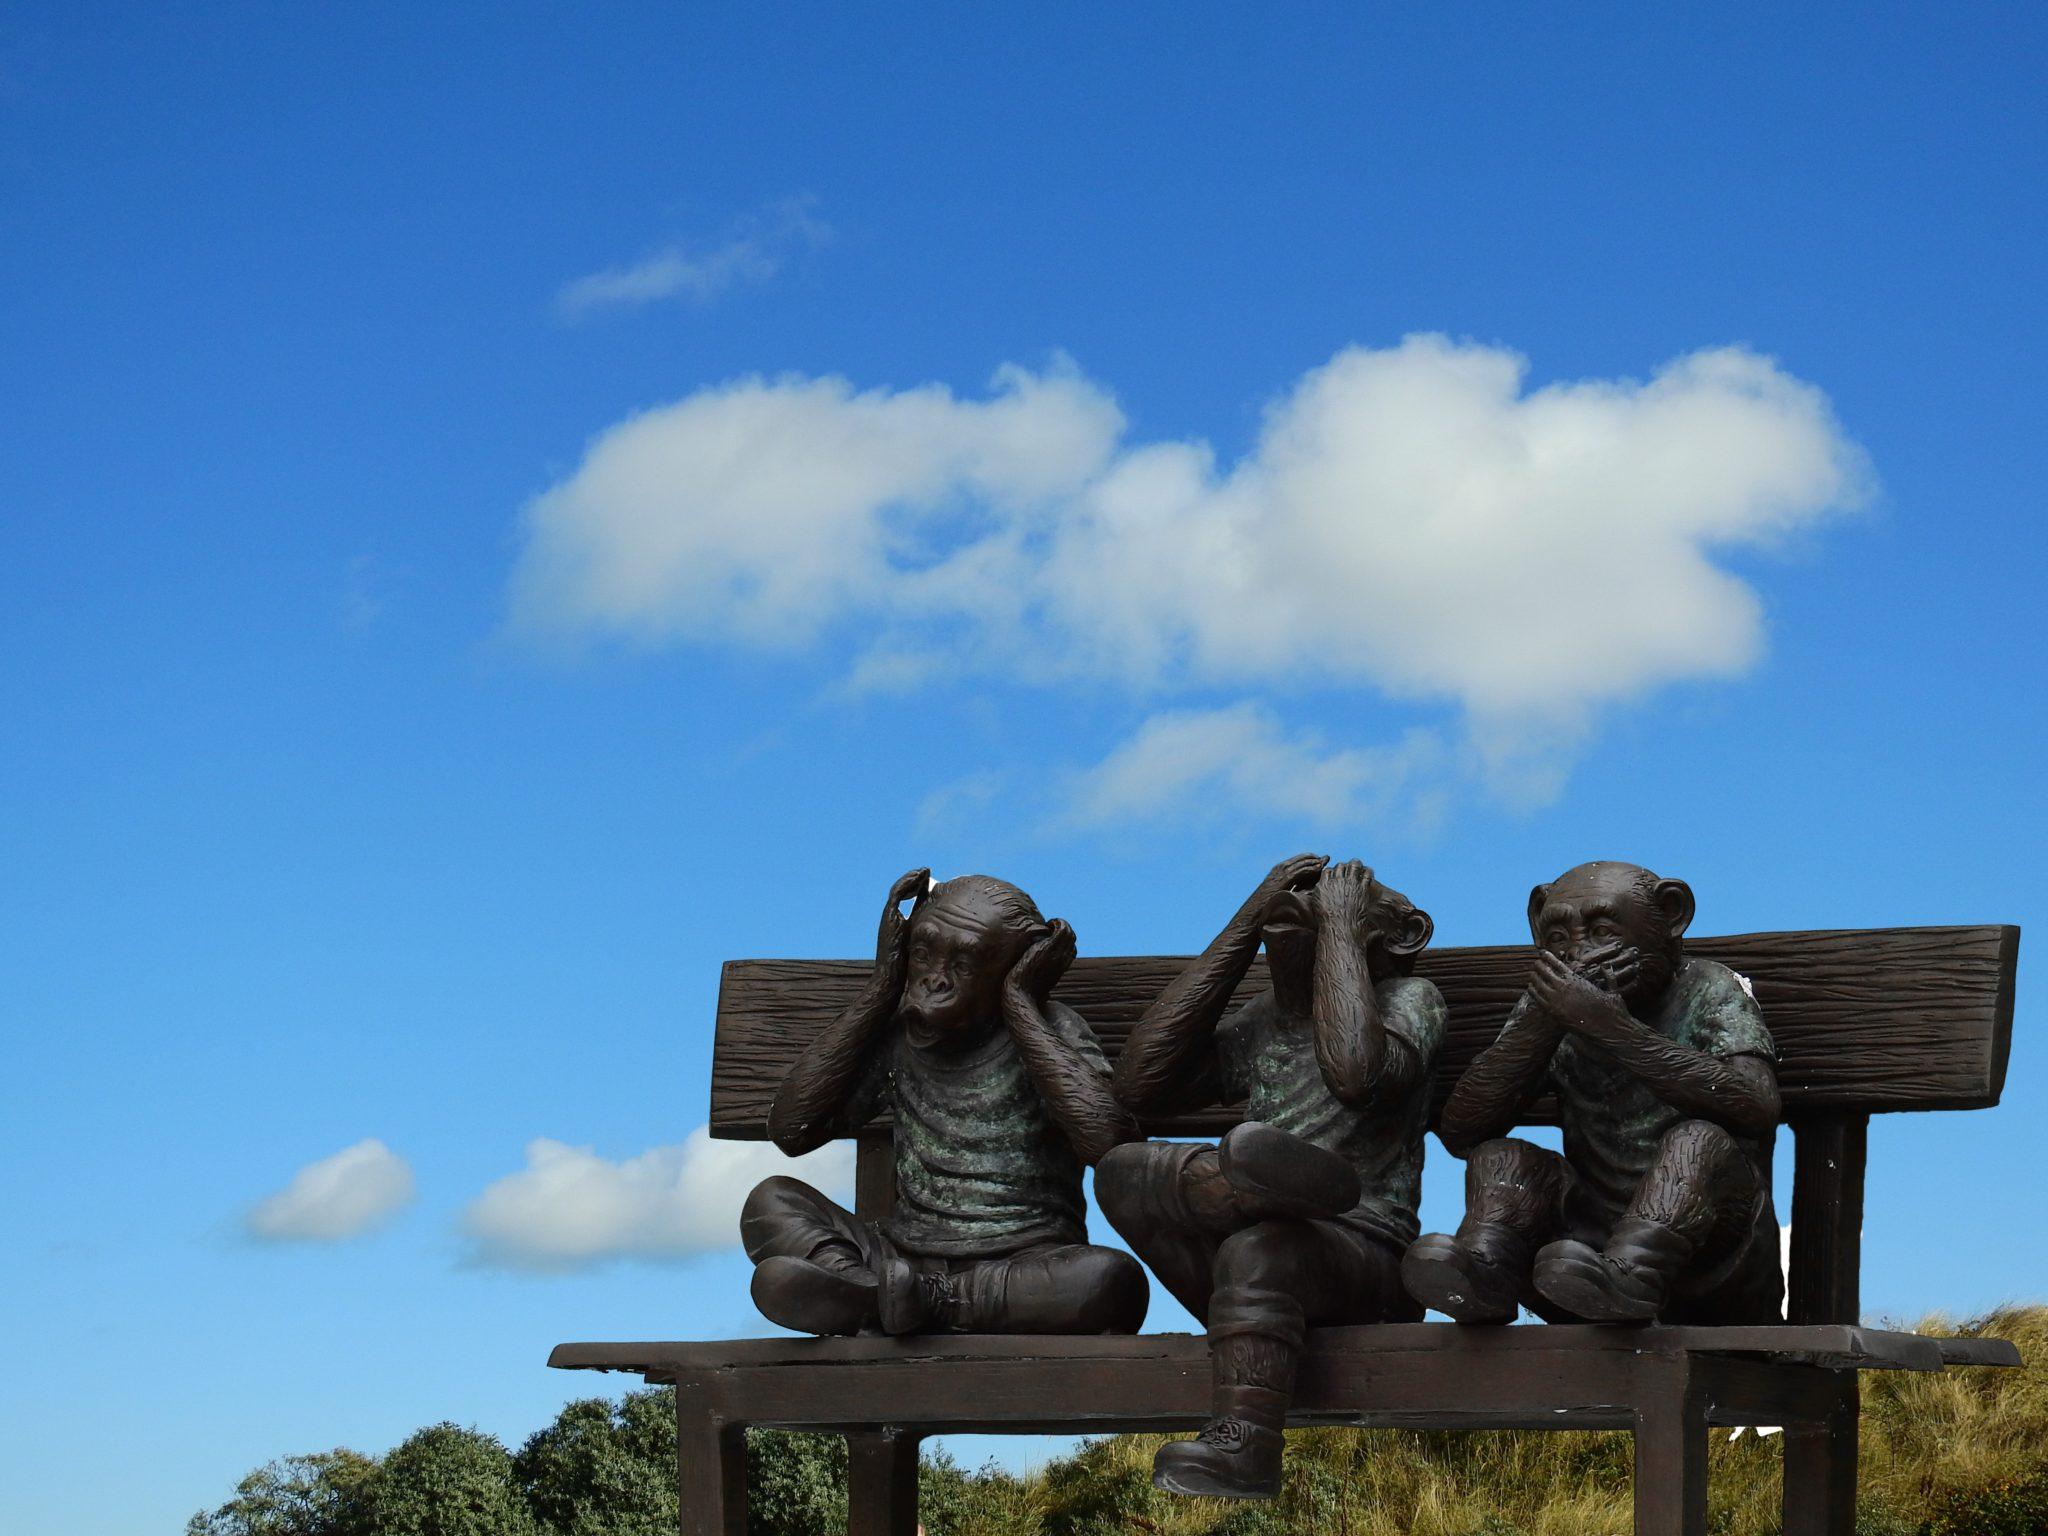 architecture-art-artwork-bench-206784